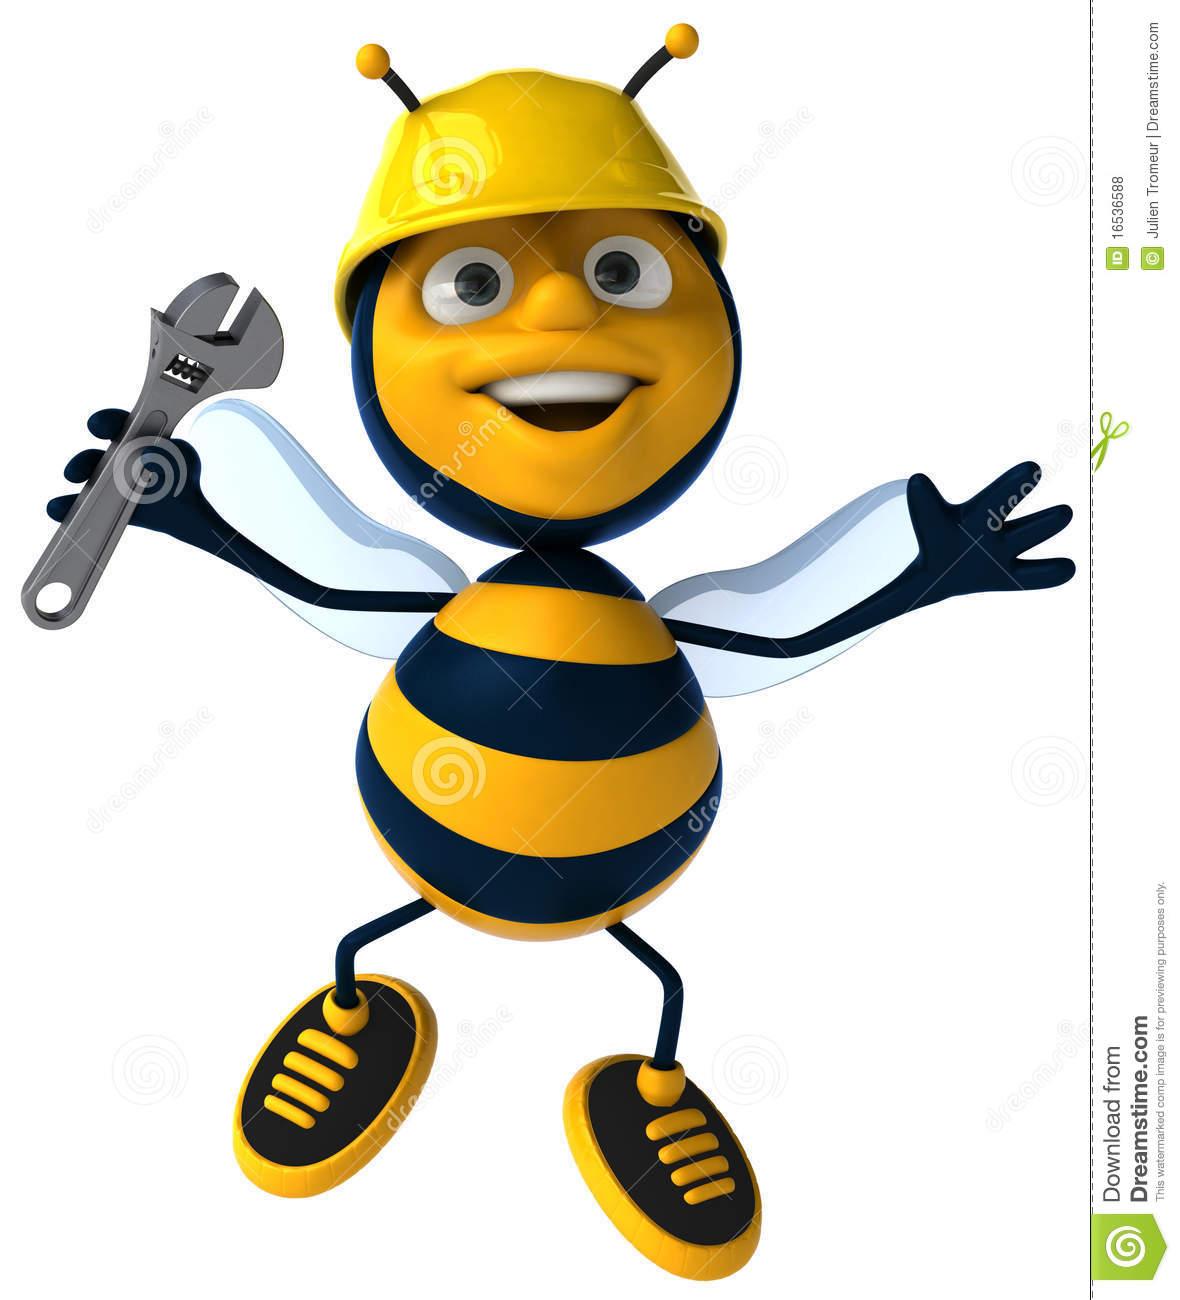 Bees clipart worker bee Working working bee bee Clipart